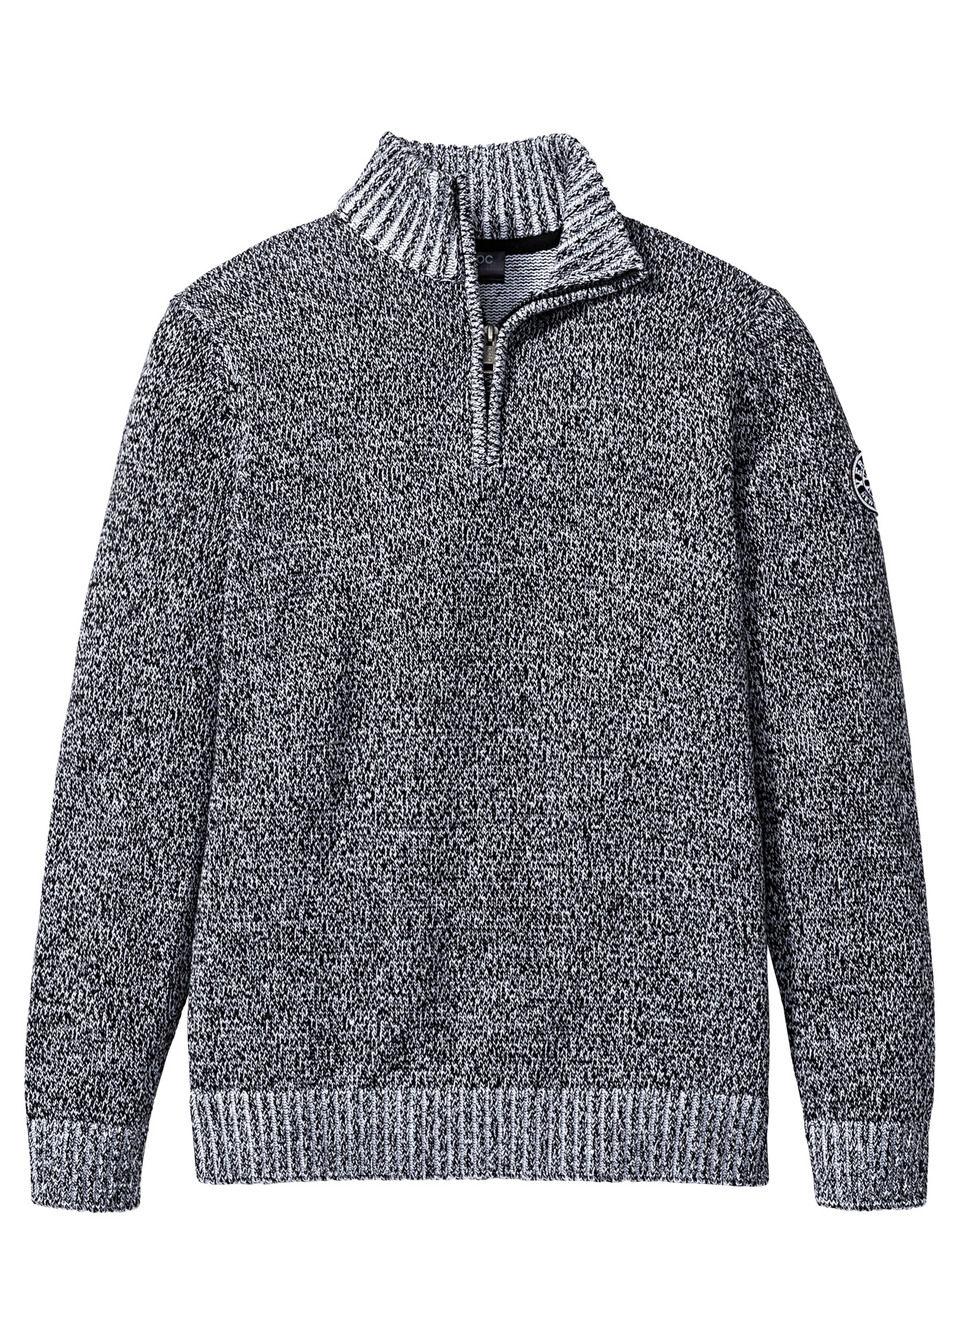 Пуловер с воротником на молнии от bonprix